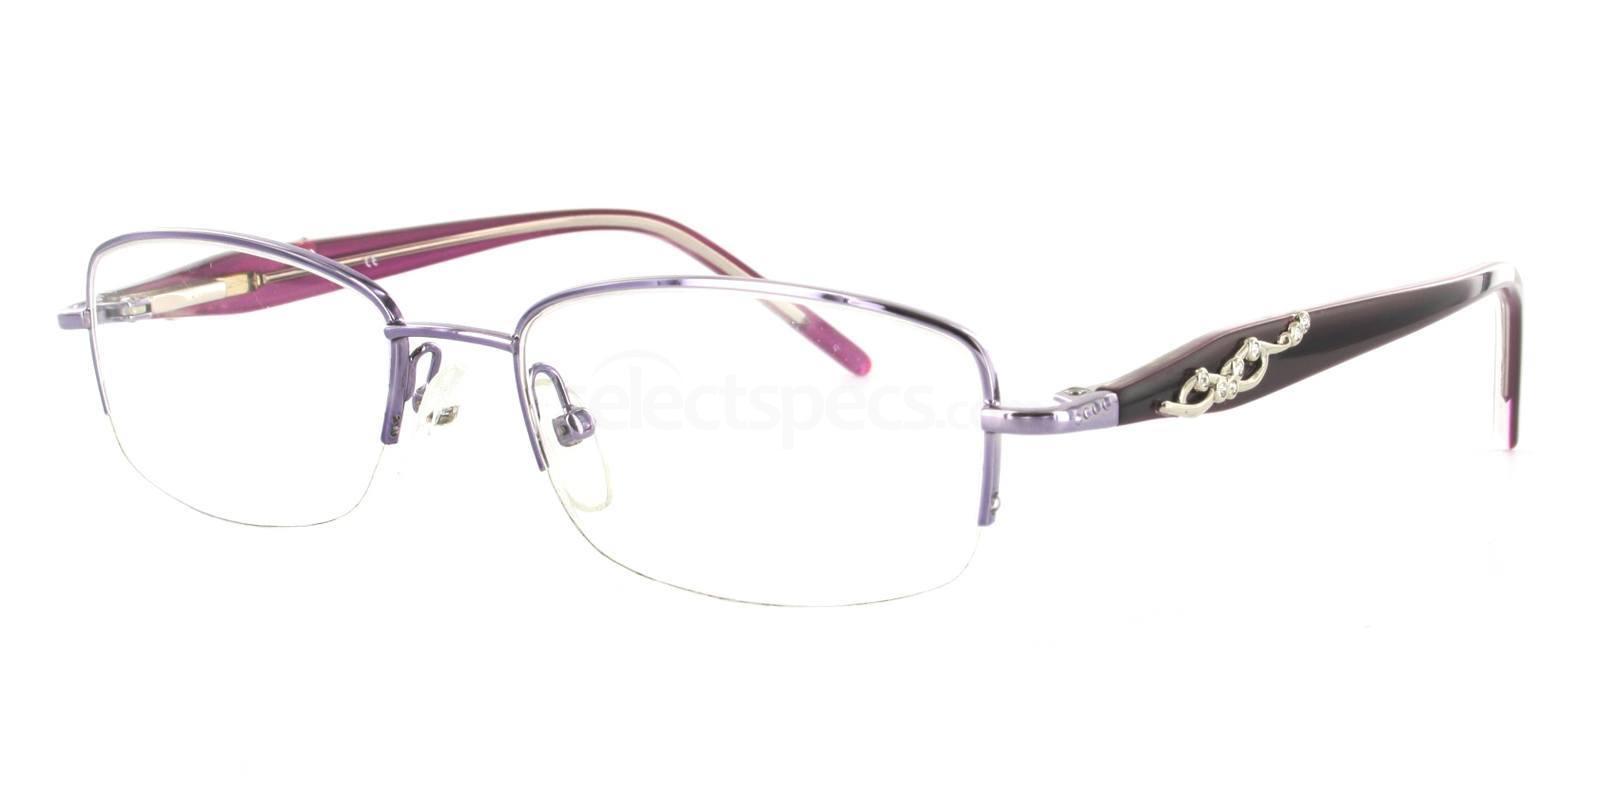 C3 Y28957 Glasses, Antares